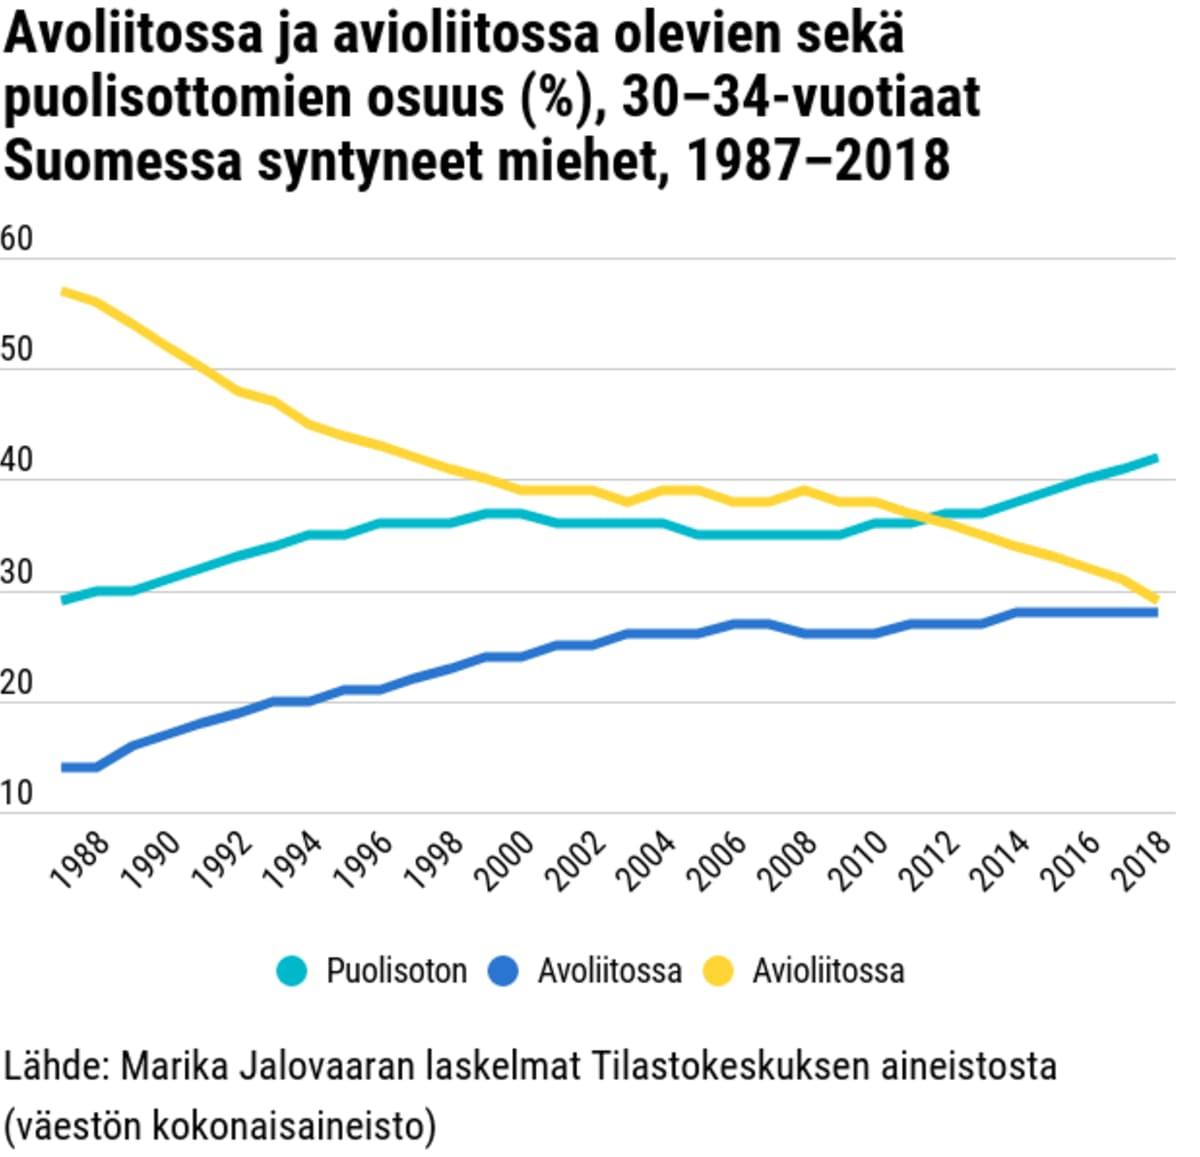 Avoliitossa ja avioliitossa olevien sekä puolisottomien osuus (%), 30–34-vuotiaat Suomessa syntyneet miehet, 1987–2018